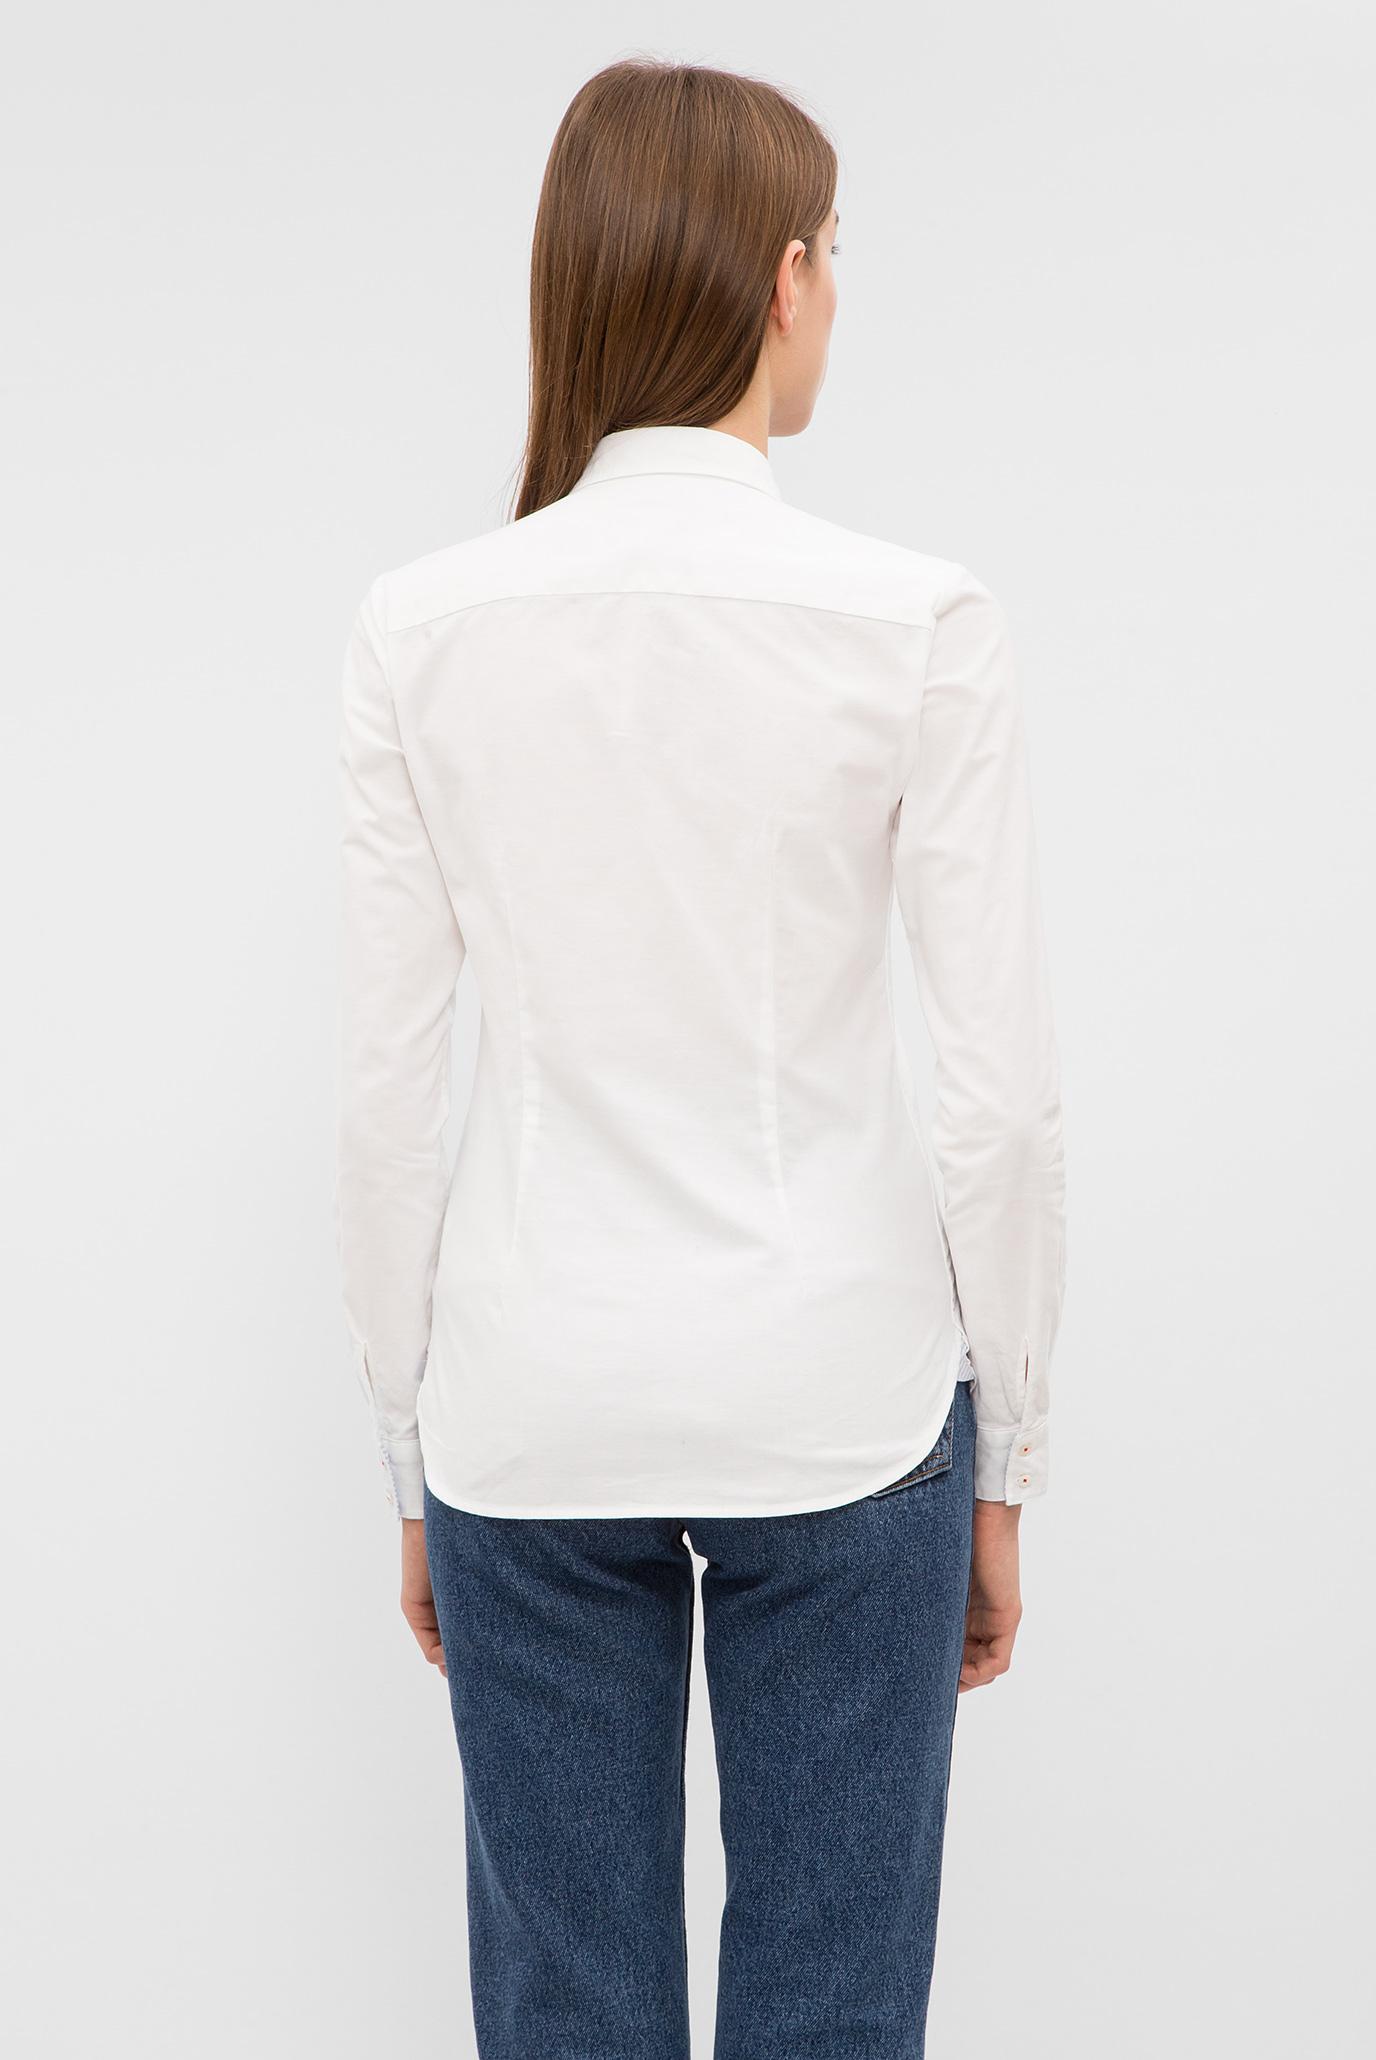 Купить Женская белая рубашка Tommy Hilfiger Tommy Hilfiger WW0WW20538 – Киев, Украина. Цены в интернет магазине MD Fashion